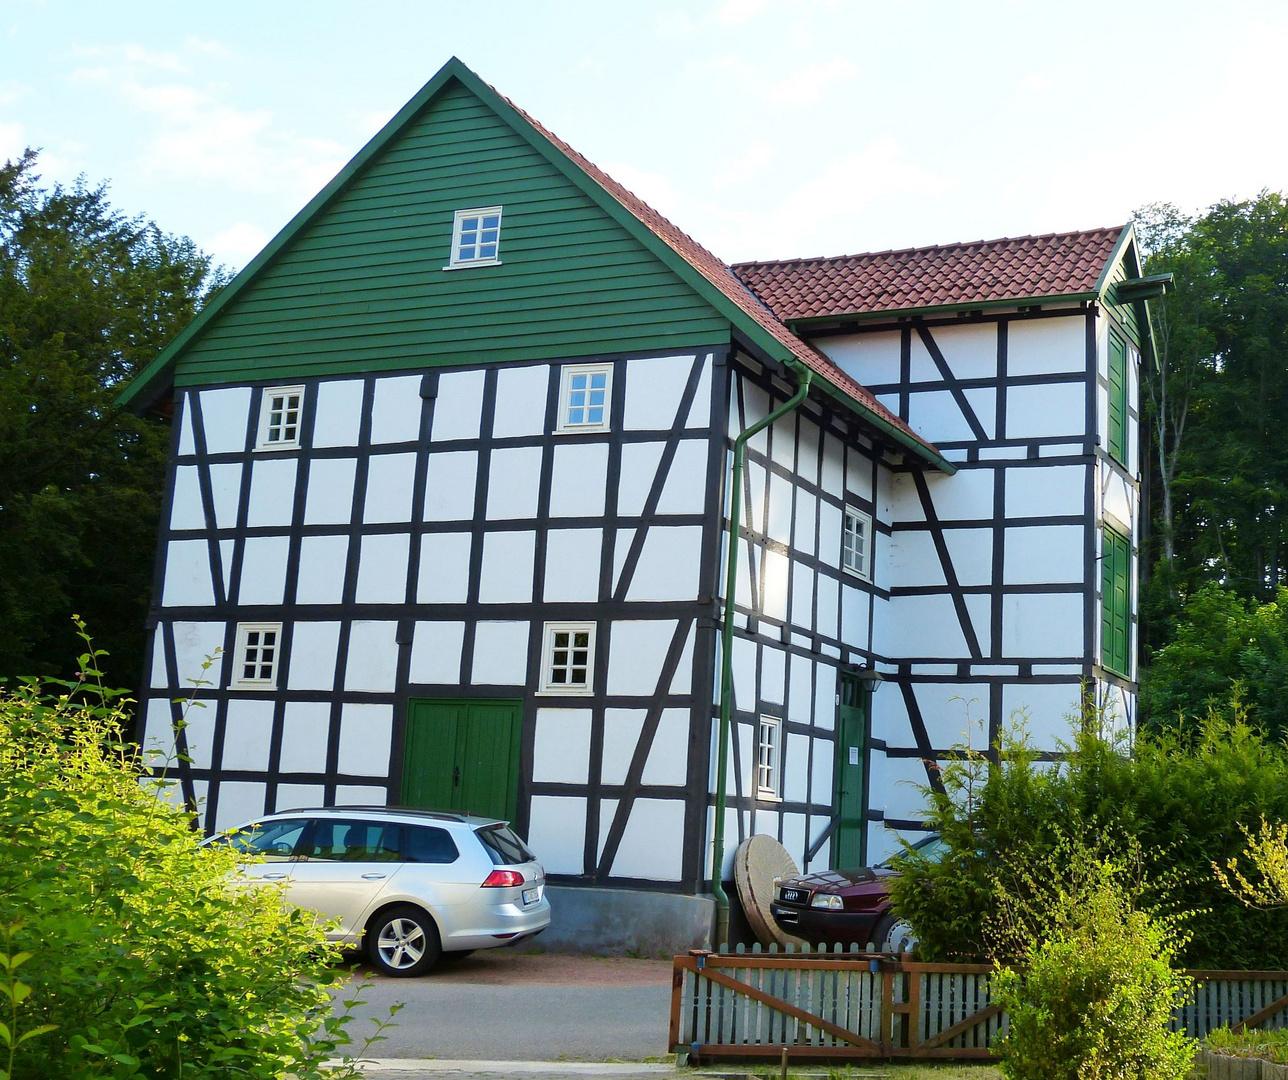 Gutsmuhle Bad Holzhausen 2 Foto Bild Architektur Landliche